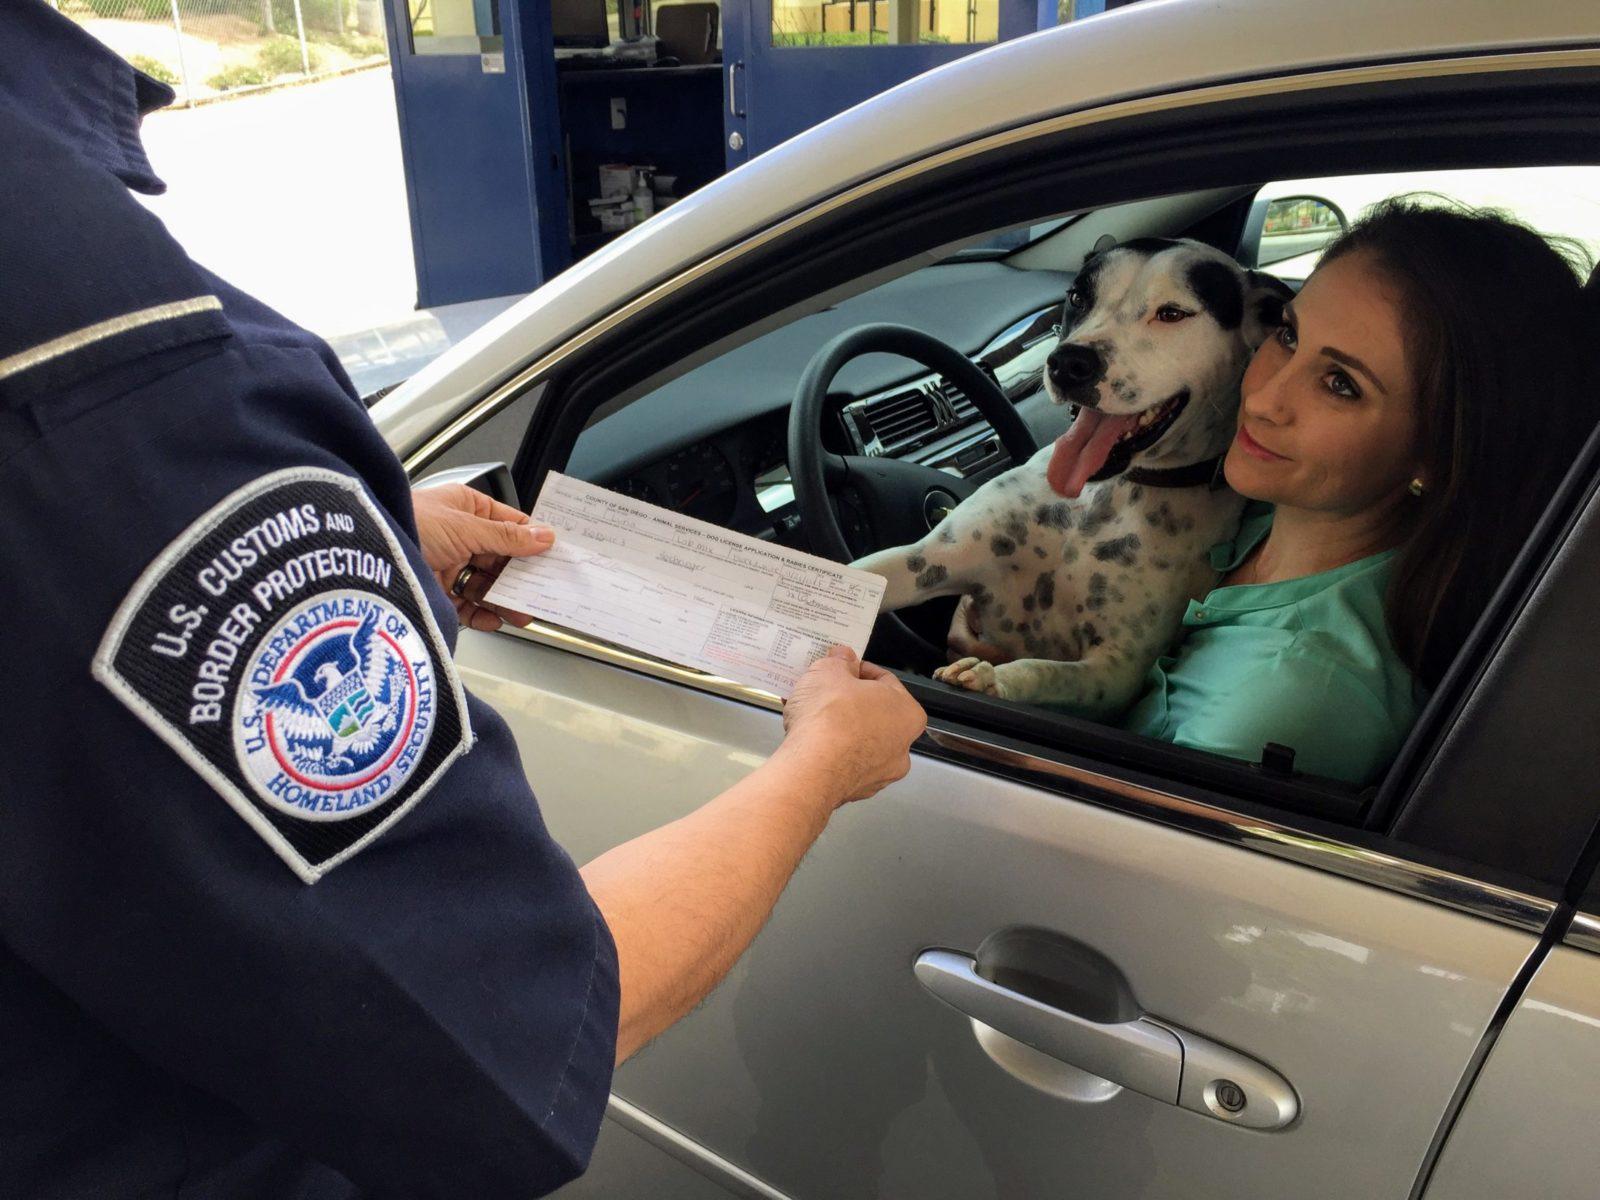 mulher trasnportando cachorro sem cinto de segurança e levando multa de um policial